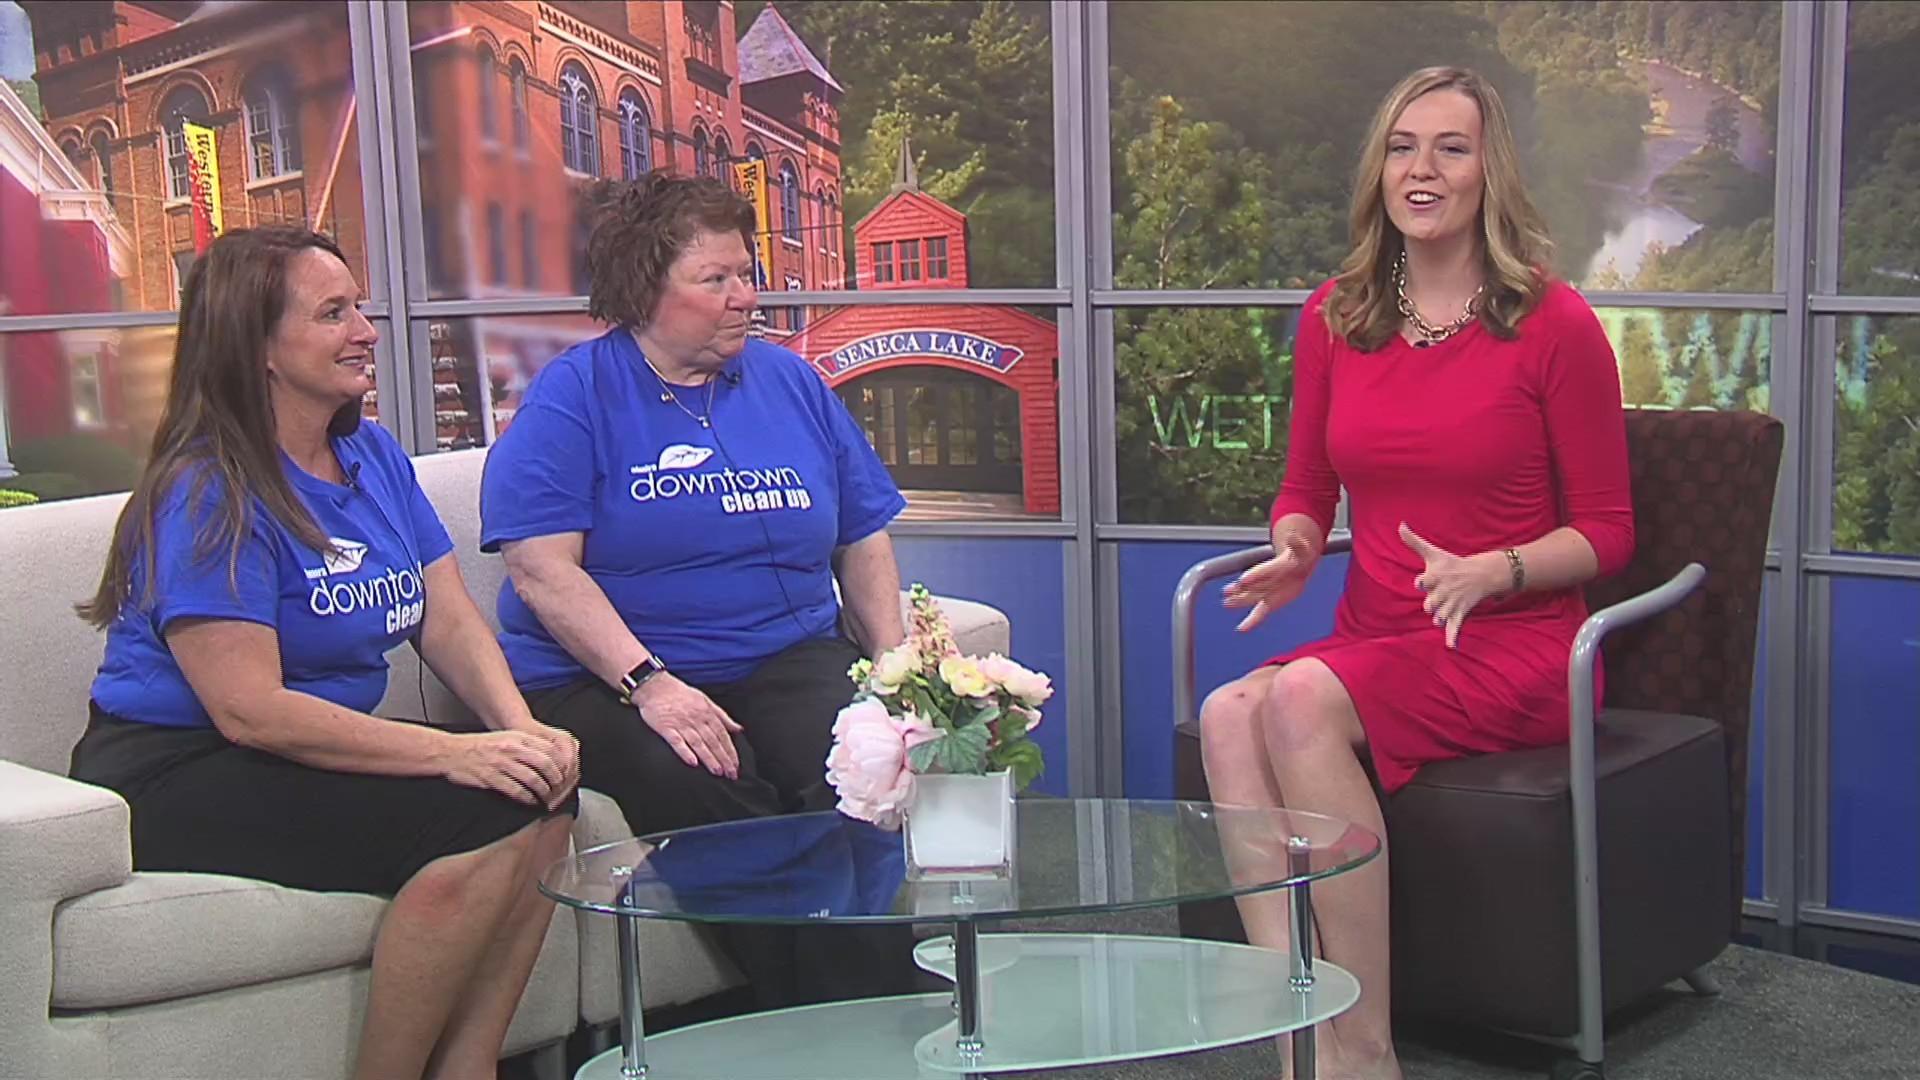 Volunteers needed for Elmira Downtown Clean-up